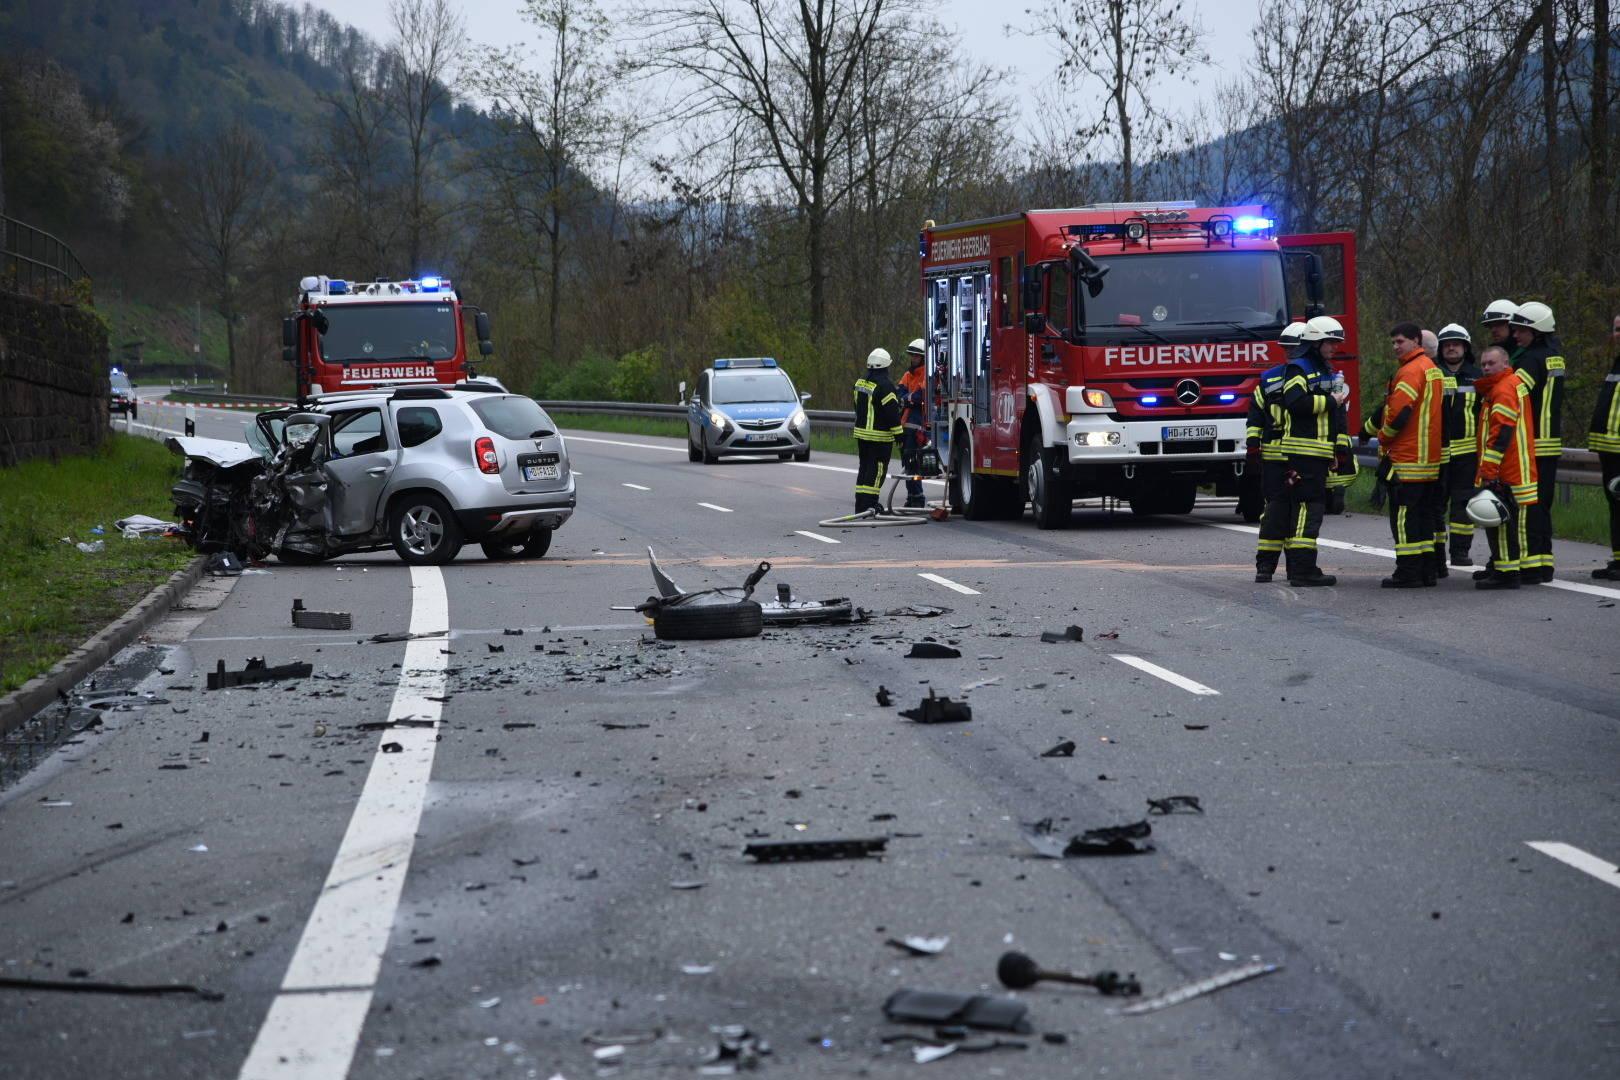 B 37 bei Hirschhorn: 75-Jähriger stirbt bei Verkehrsunfall - Zwei ...